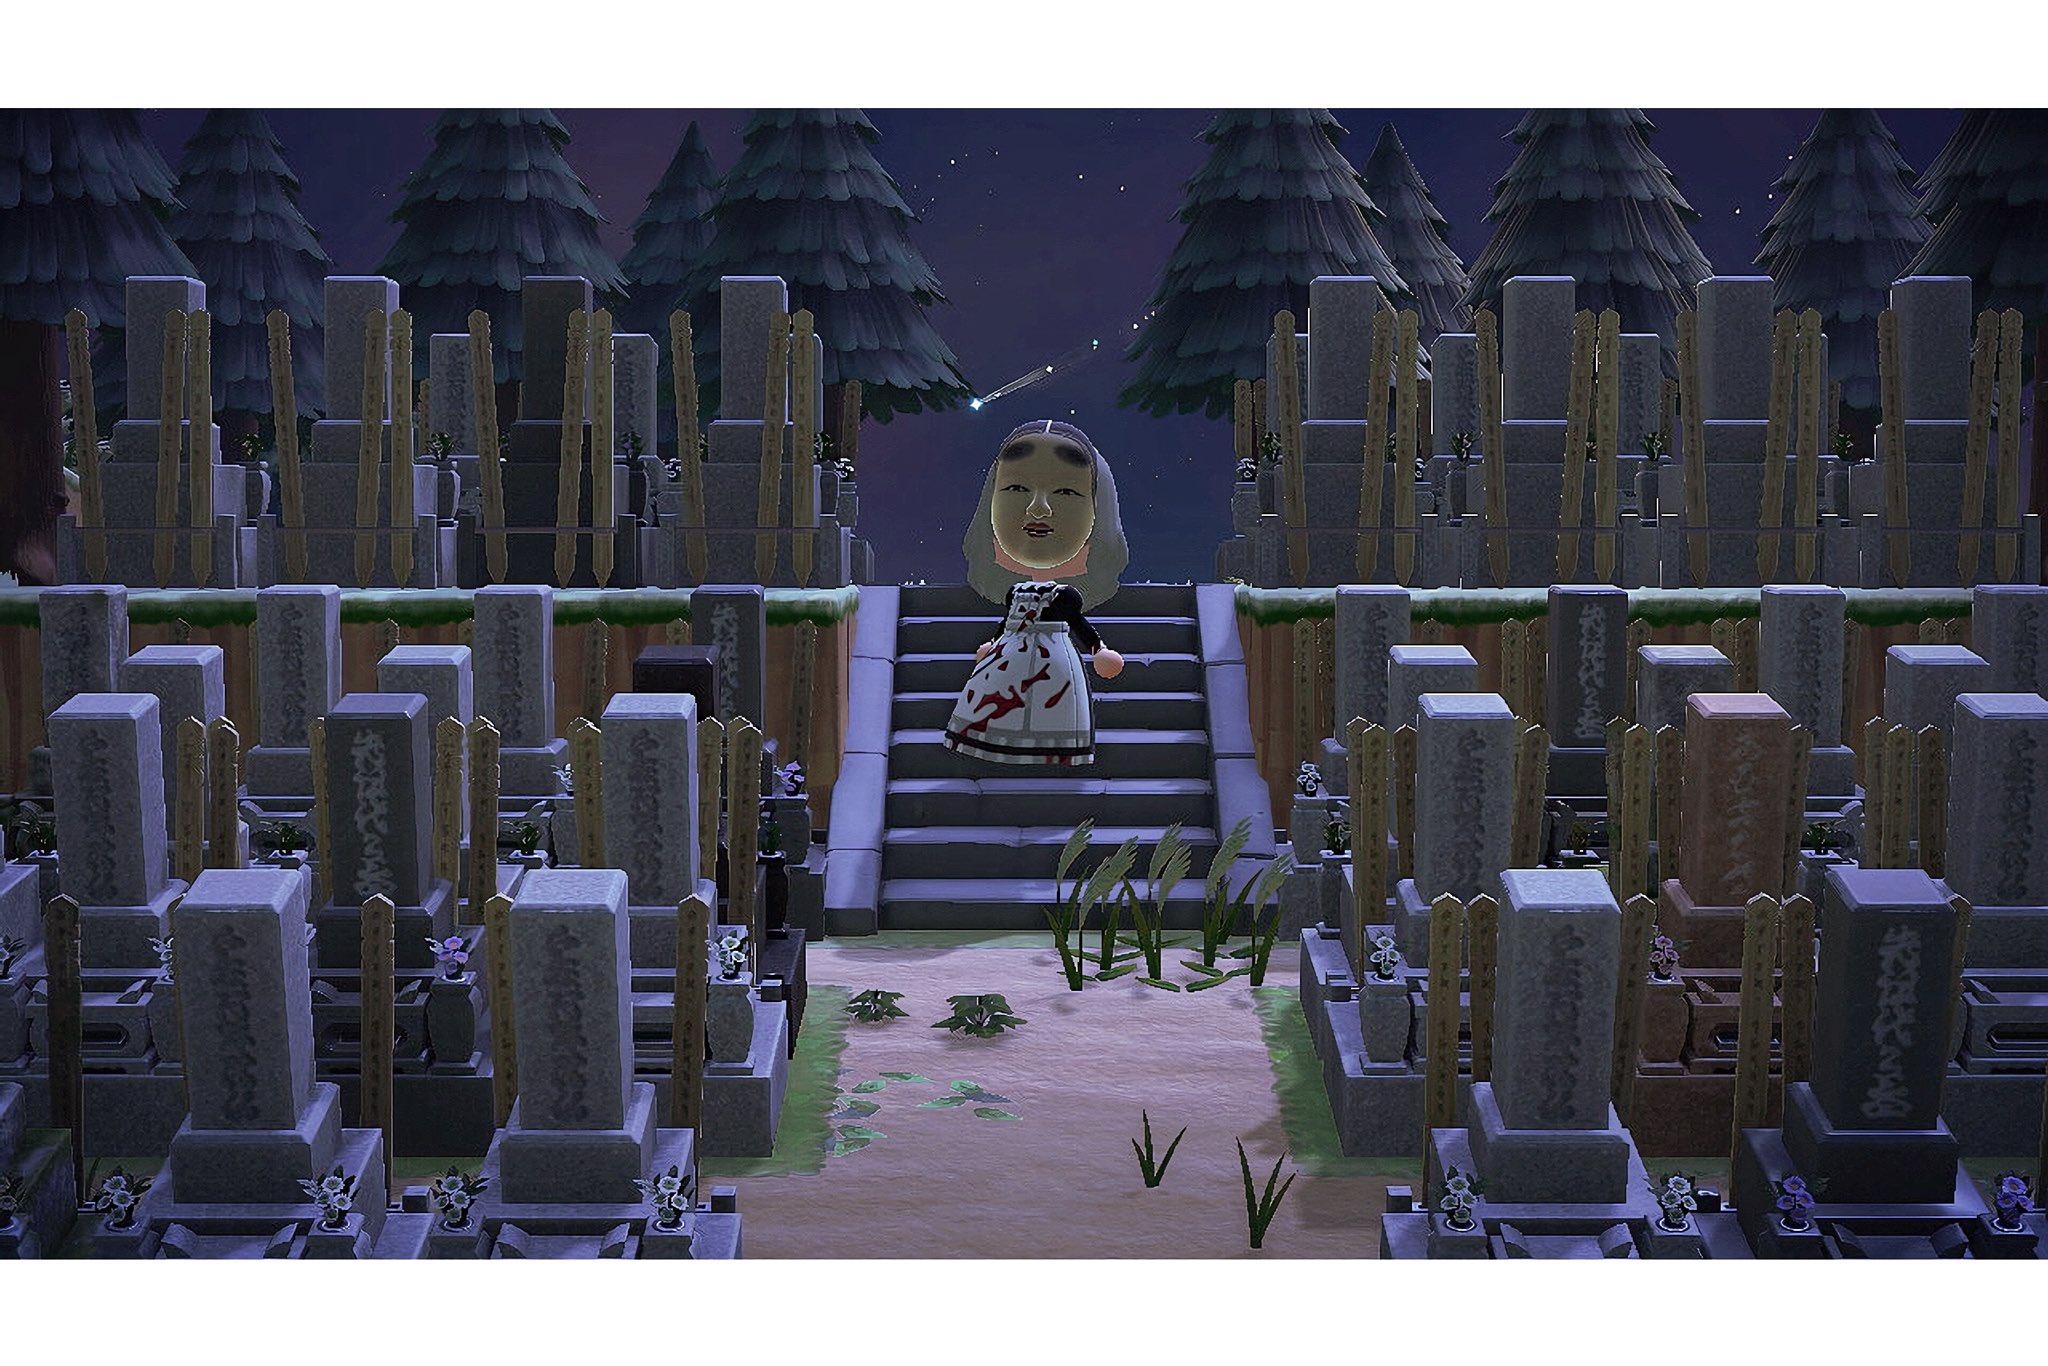 村民都吓哭了 《动森》玩家在岛上摆满1500个和风墓碑